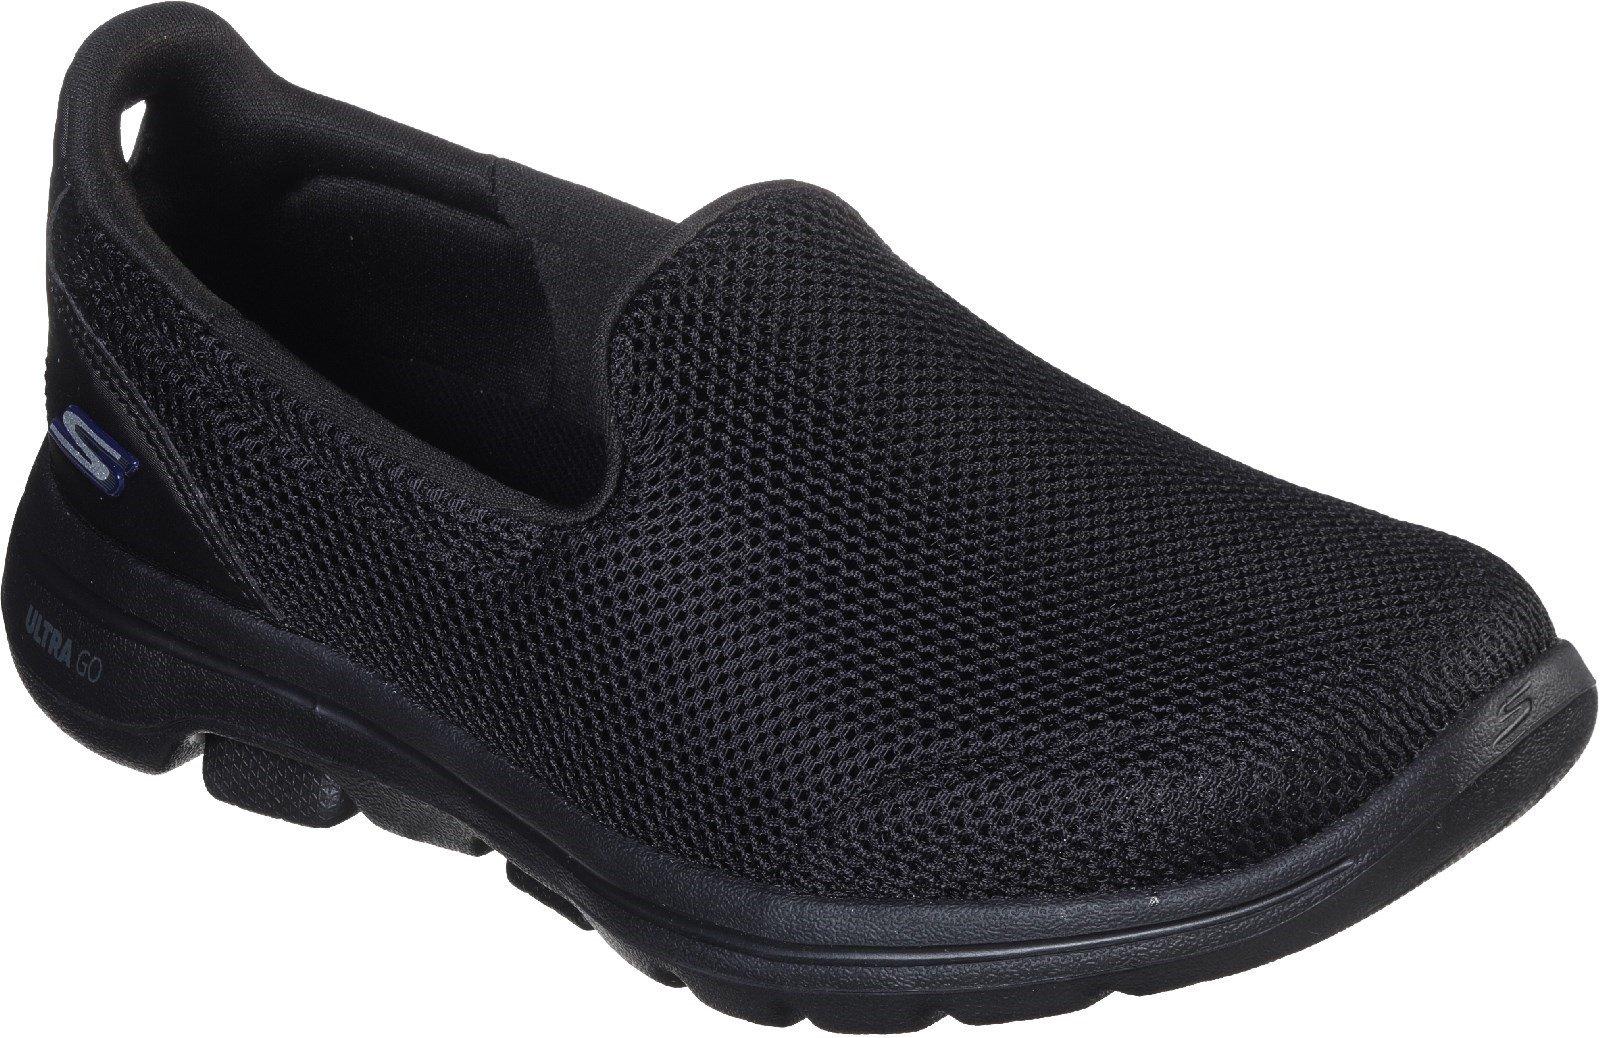 Skechers Women's Gowalk 5 Slip On Trainer Various Colours 30336 - Black/Black 3